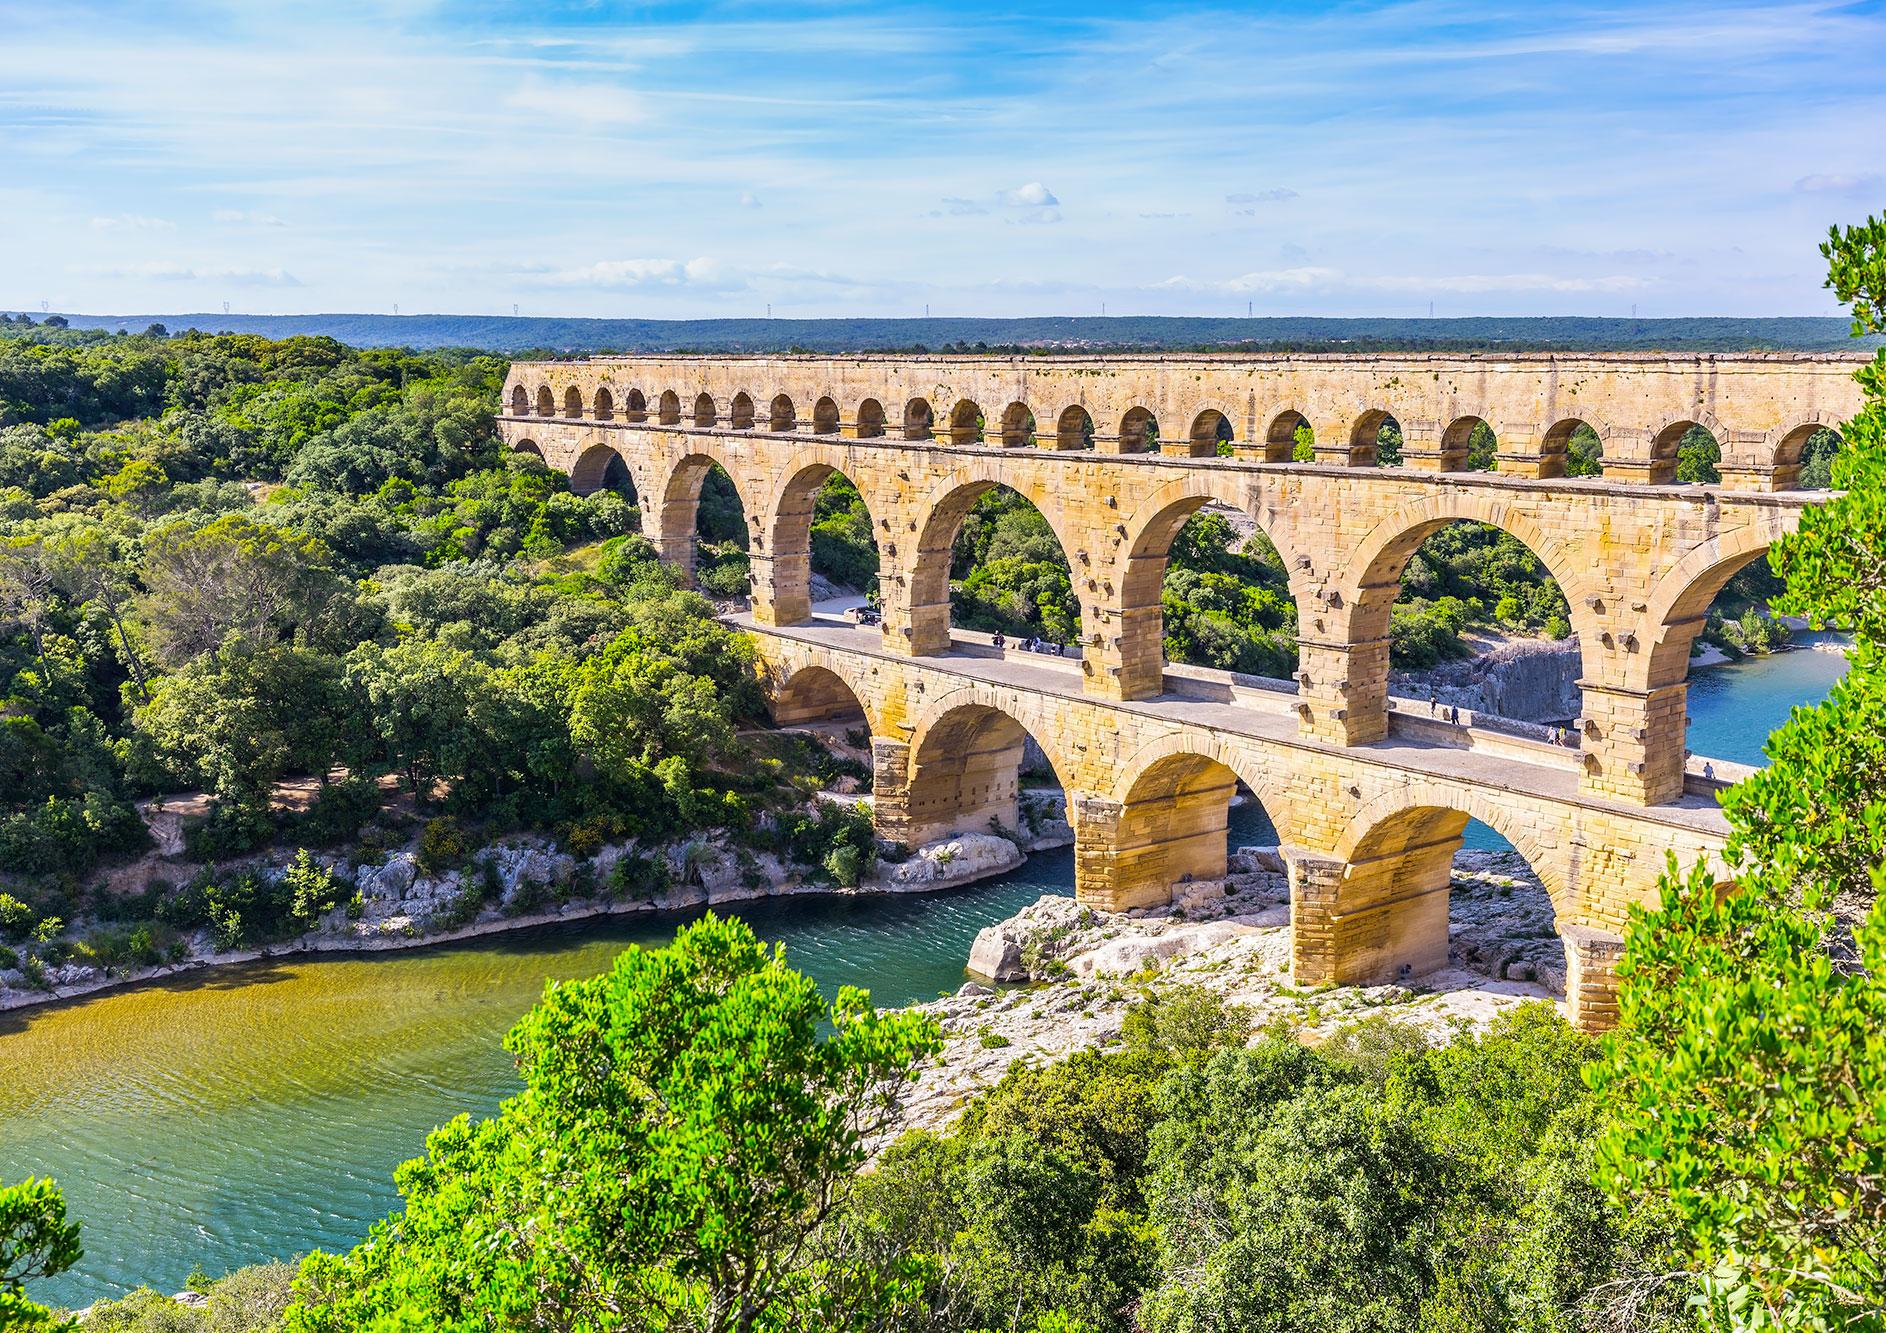 lieu-incontournable-cevennes-pont-du-gard-mas-dragon